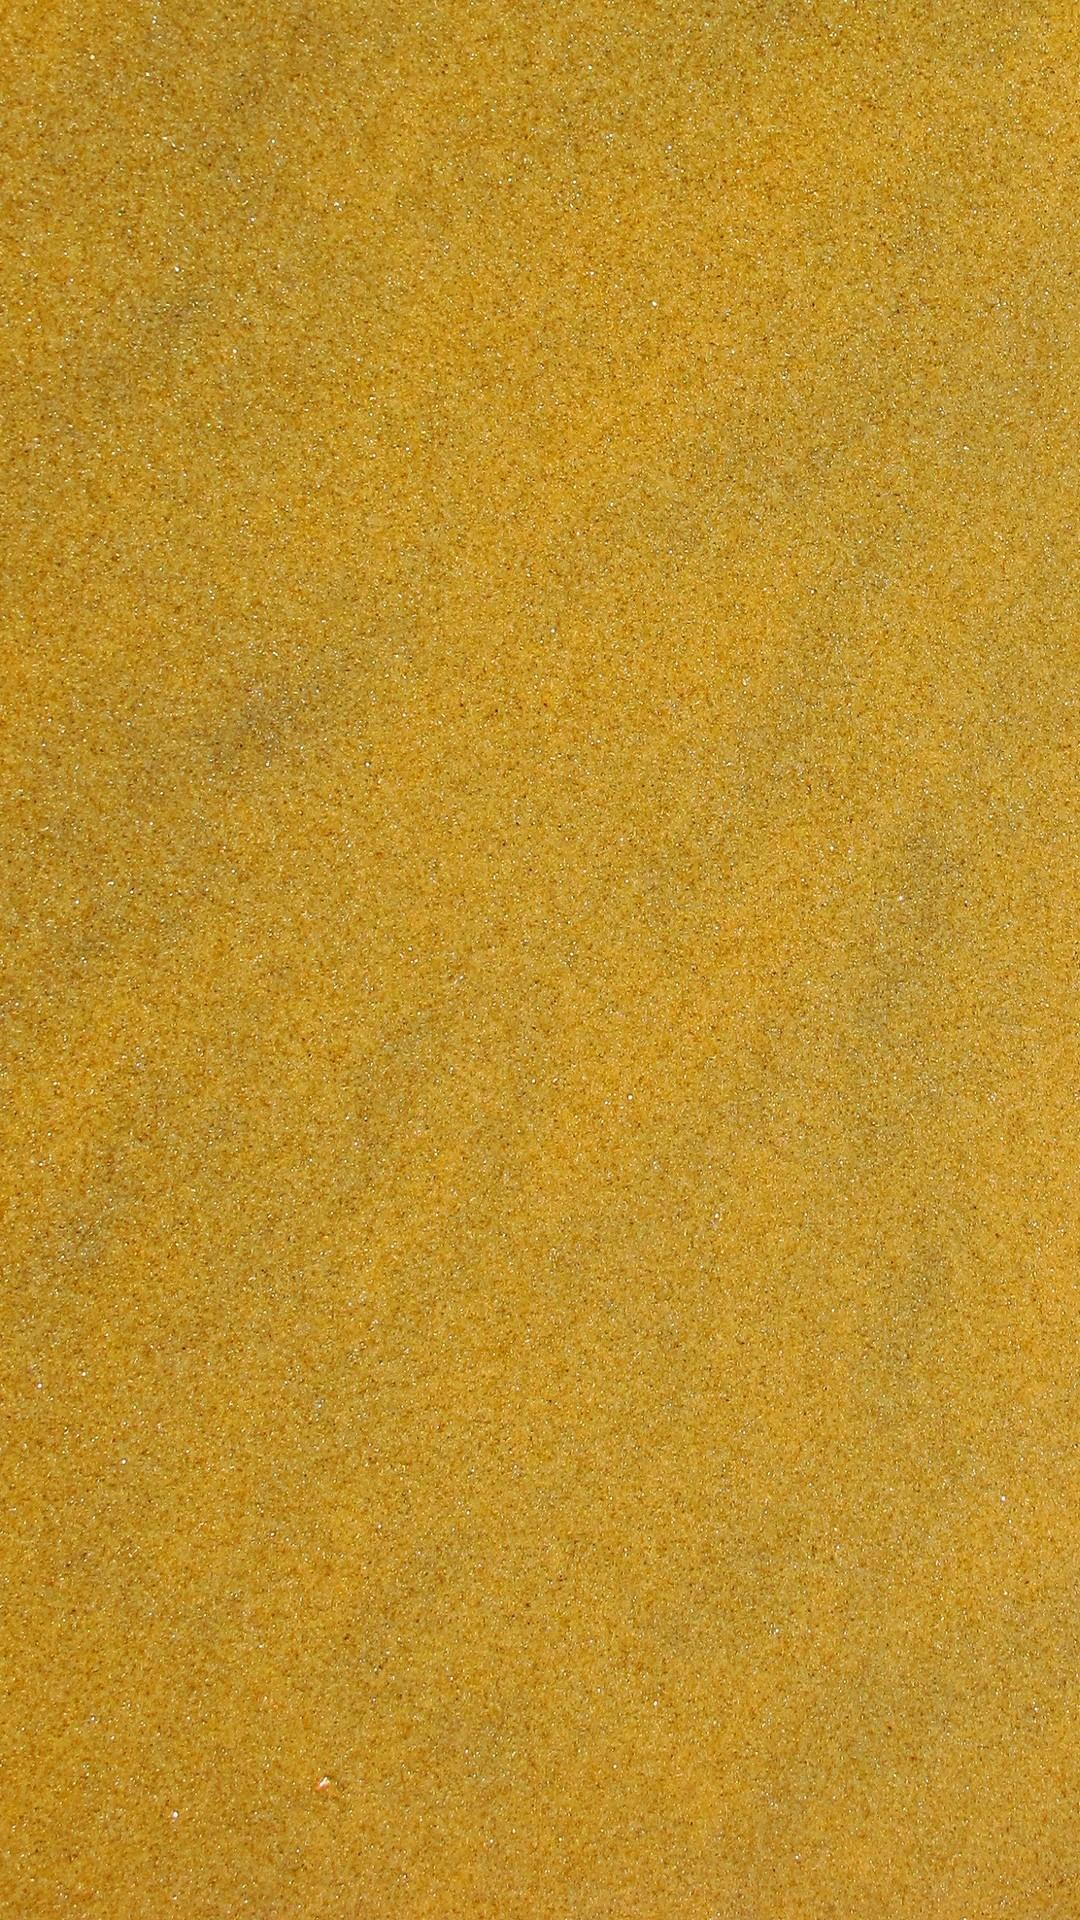 Plain Gold Wallpaper iPhone 2020 3D iPhone Wallpaper 1080x1920